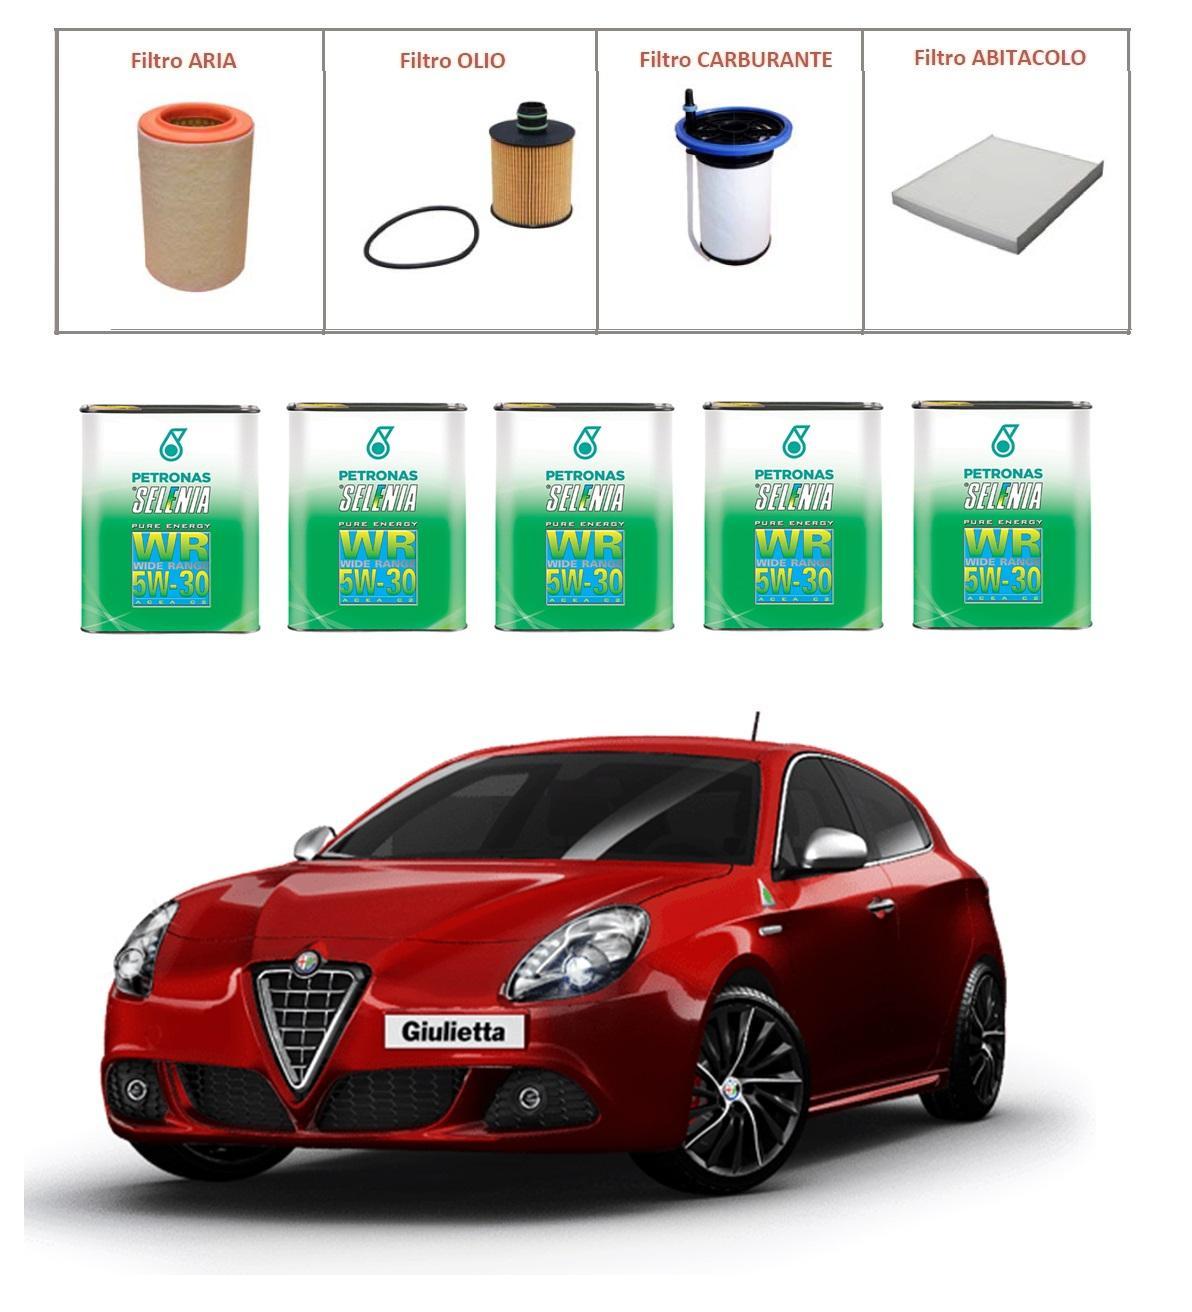 Kit tagliando per Alfa Romeo Giulietta EURO 5B e 6